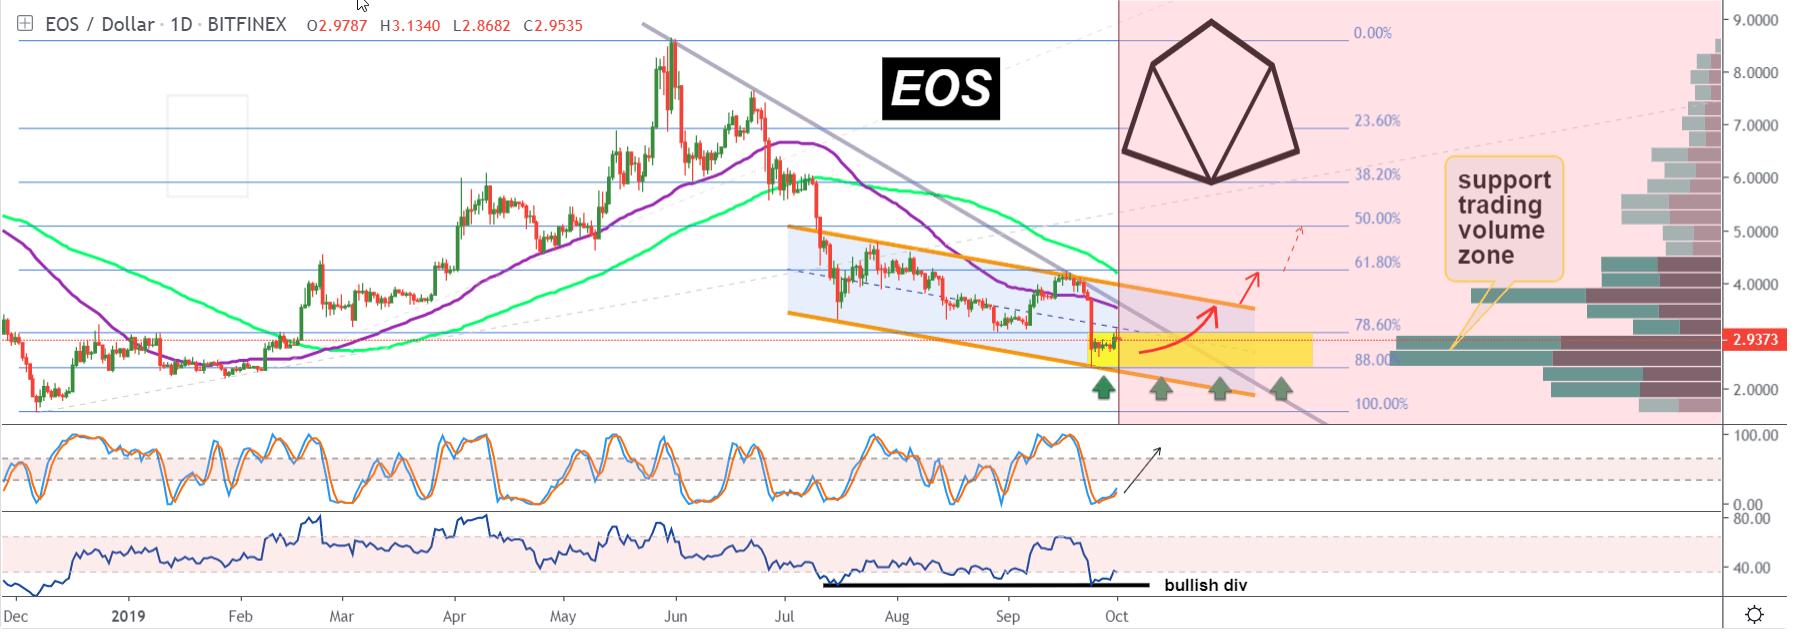 EOS price analysis: EOS screams buy while moving towards $3 3